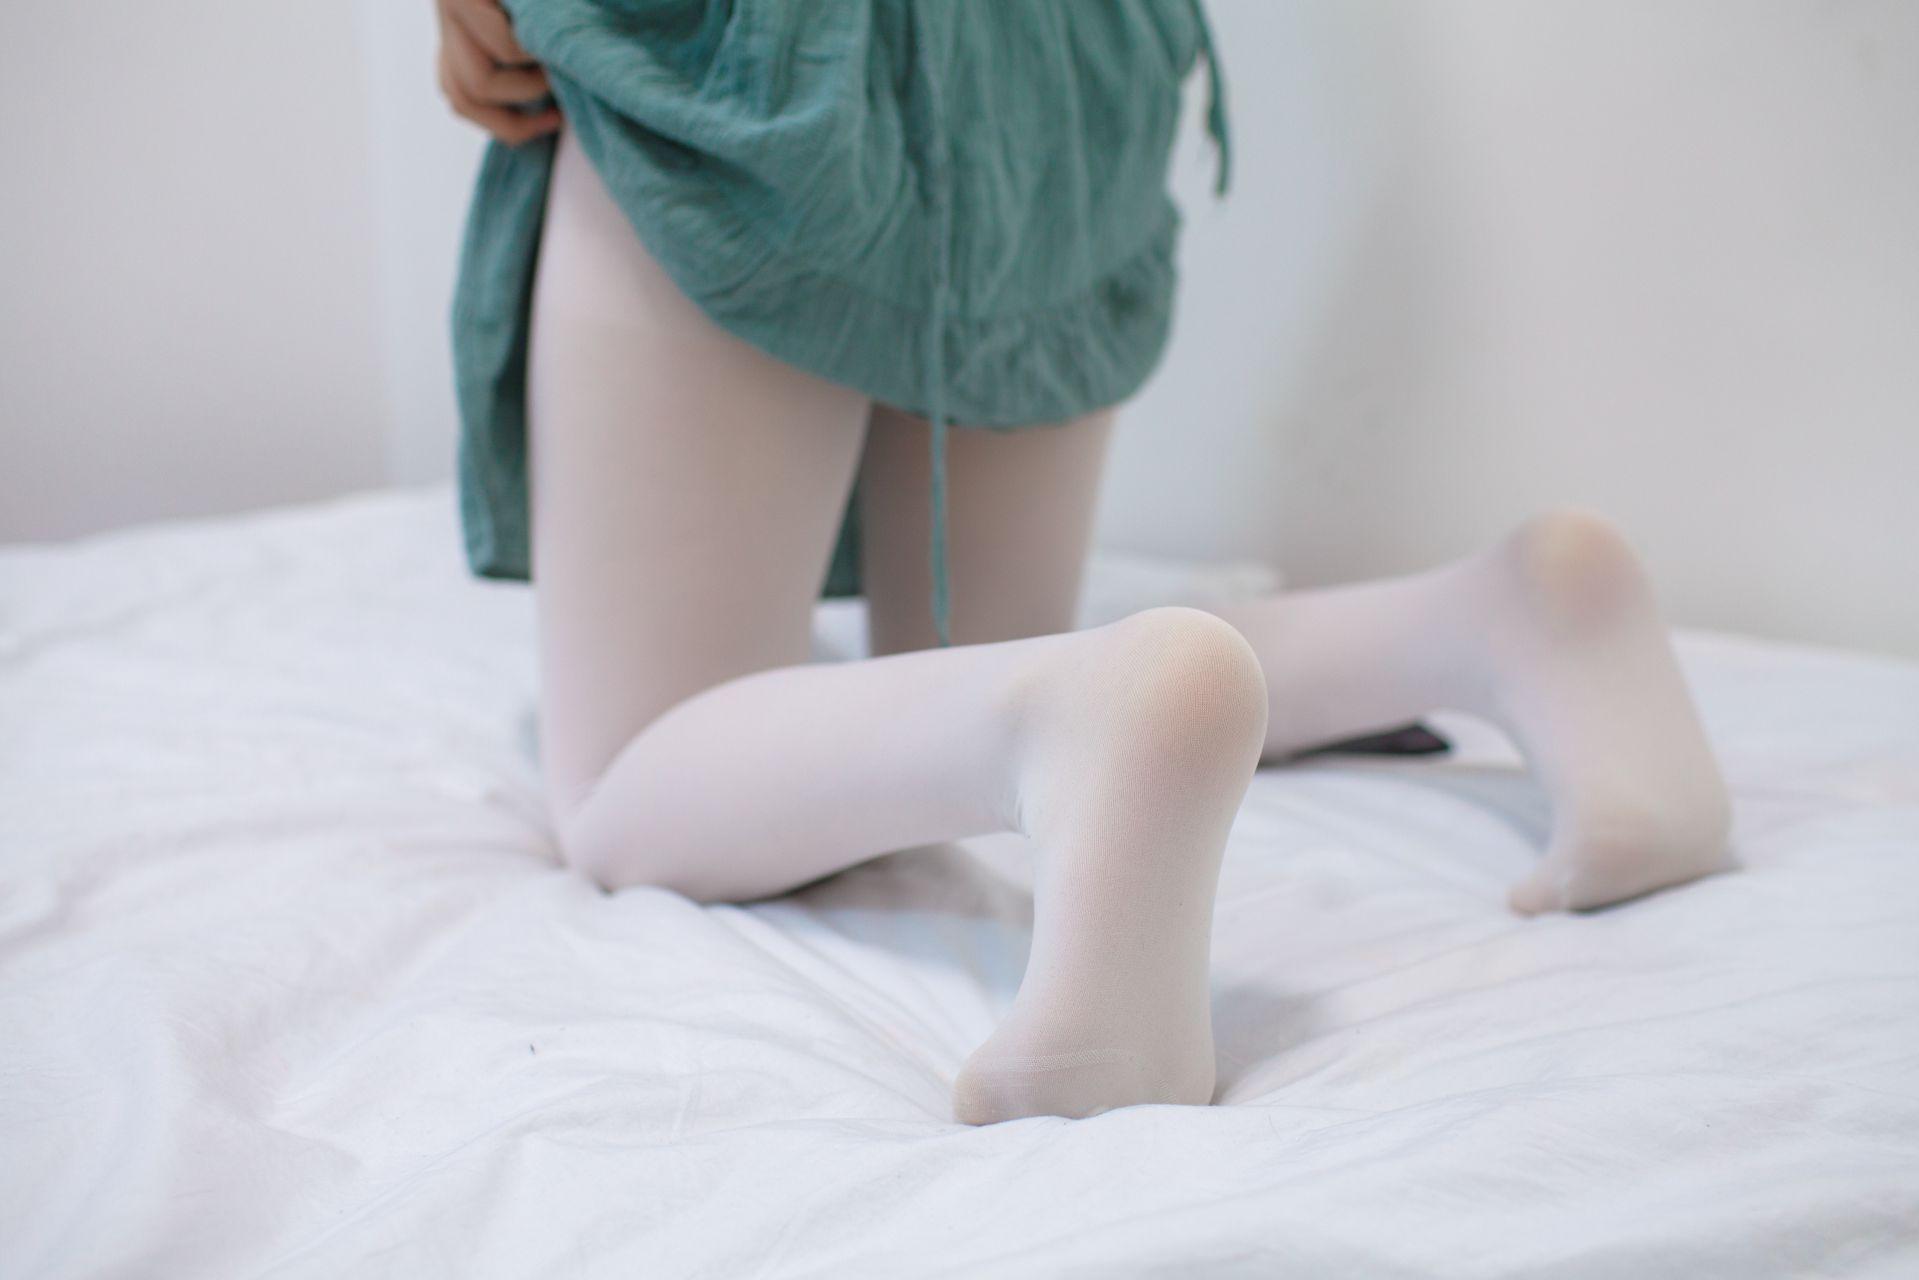 少女秩序 EXVOL.03 私房白丝美腿 兔玩映画 第37张